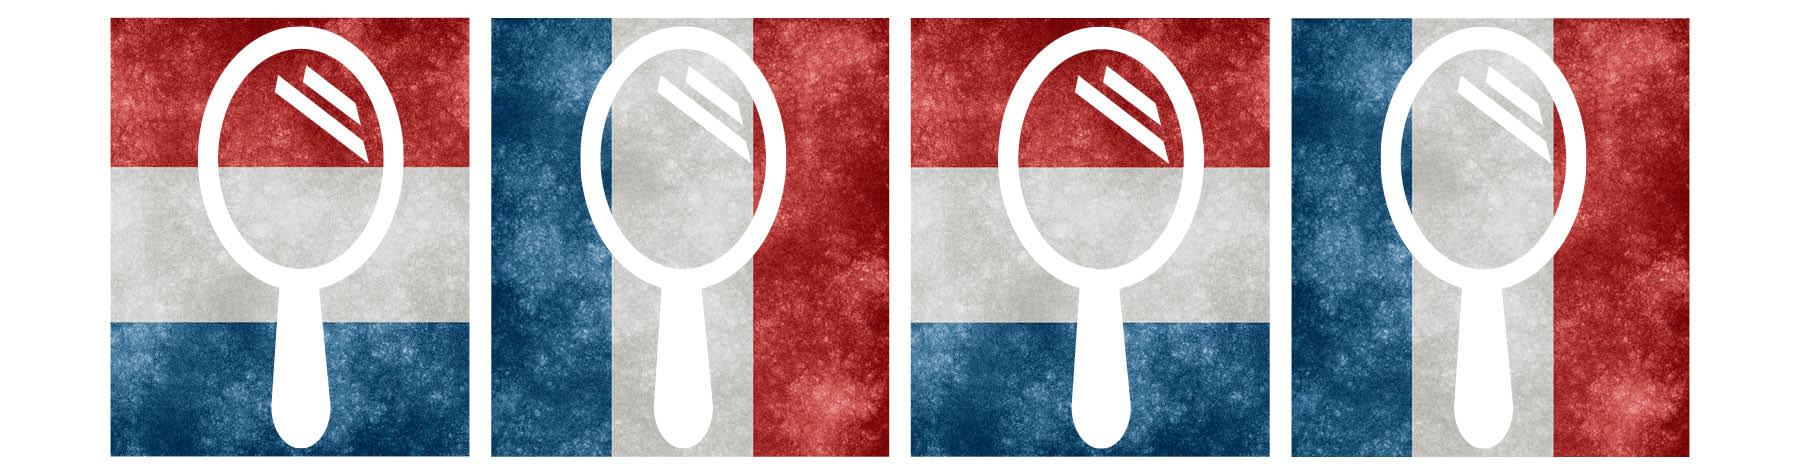 Kijk eens wat vaker in de culturele spiegel – Over taakgerichte vs. relatiegerichte landen